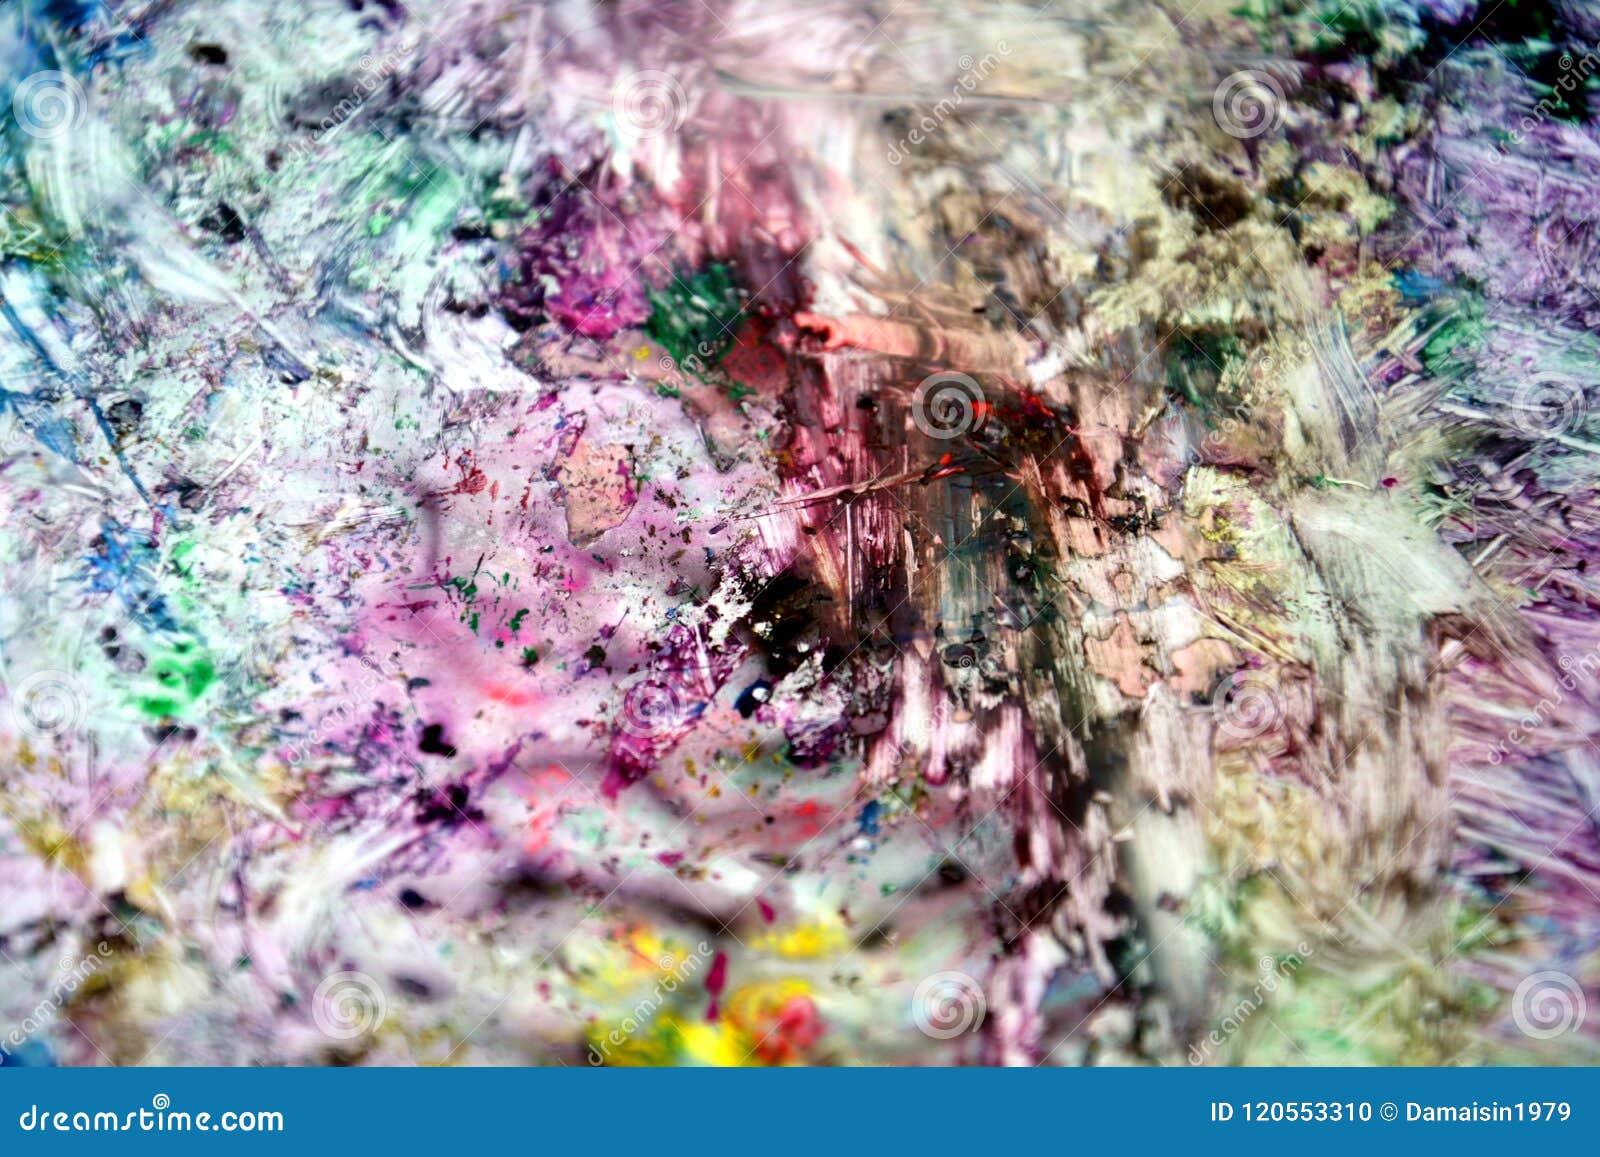 Fond Humide Abstrait Vif Argenté Jaune Noir Vert Violet De Peinture ...